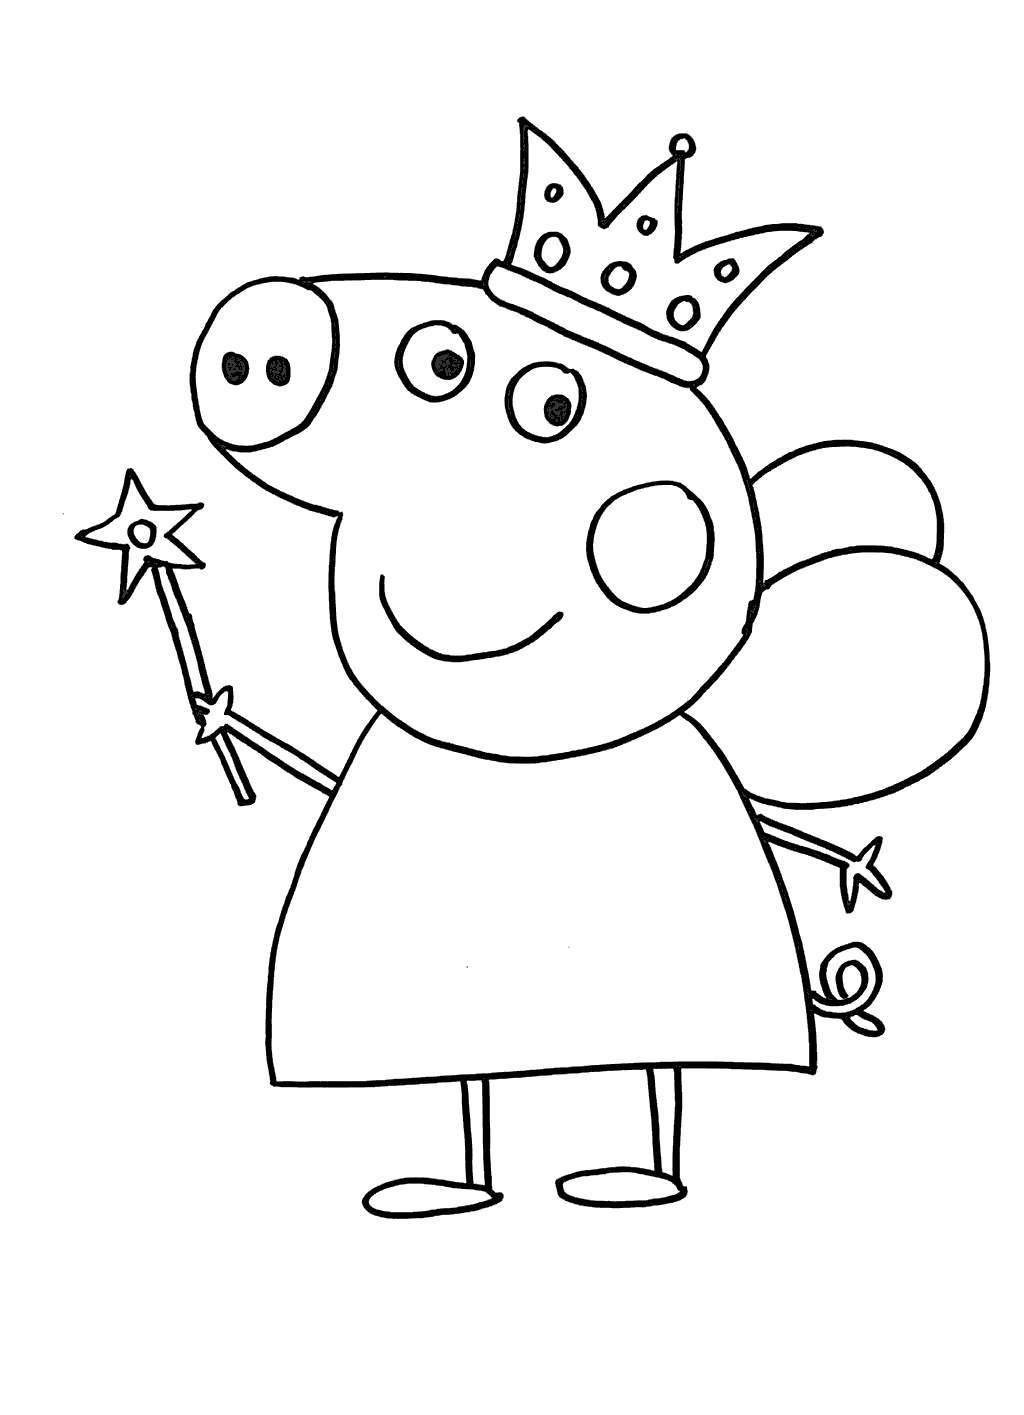 Peppa Pig Coloring Pages Worksheet